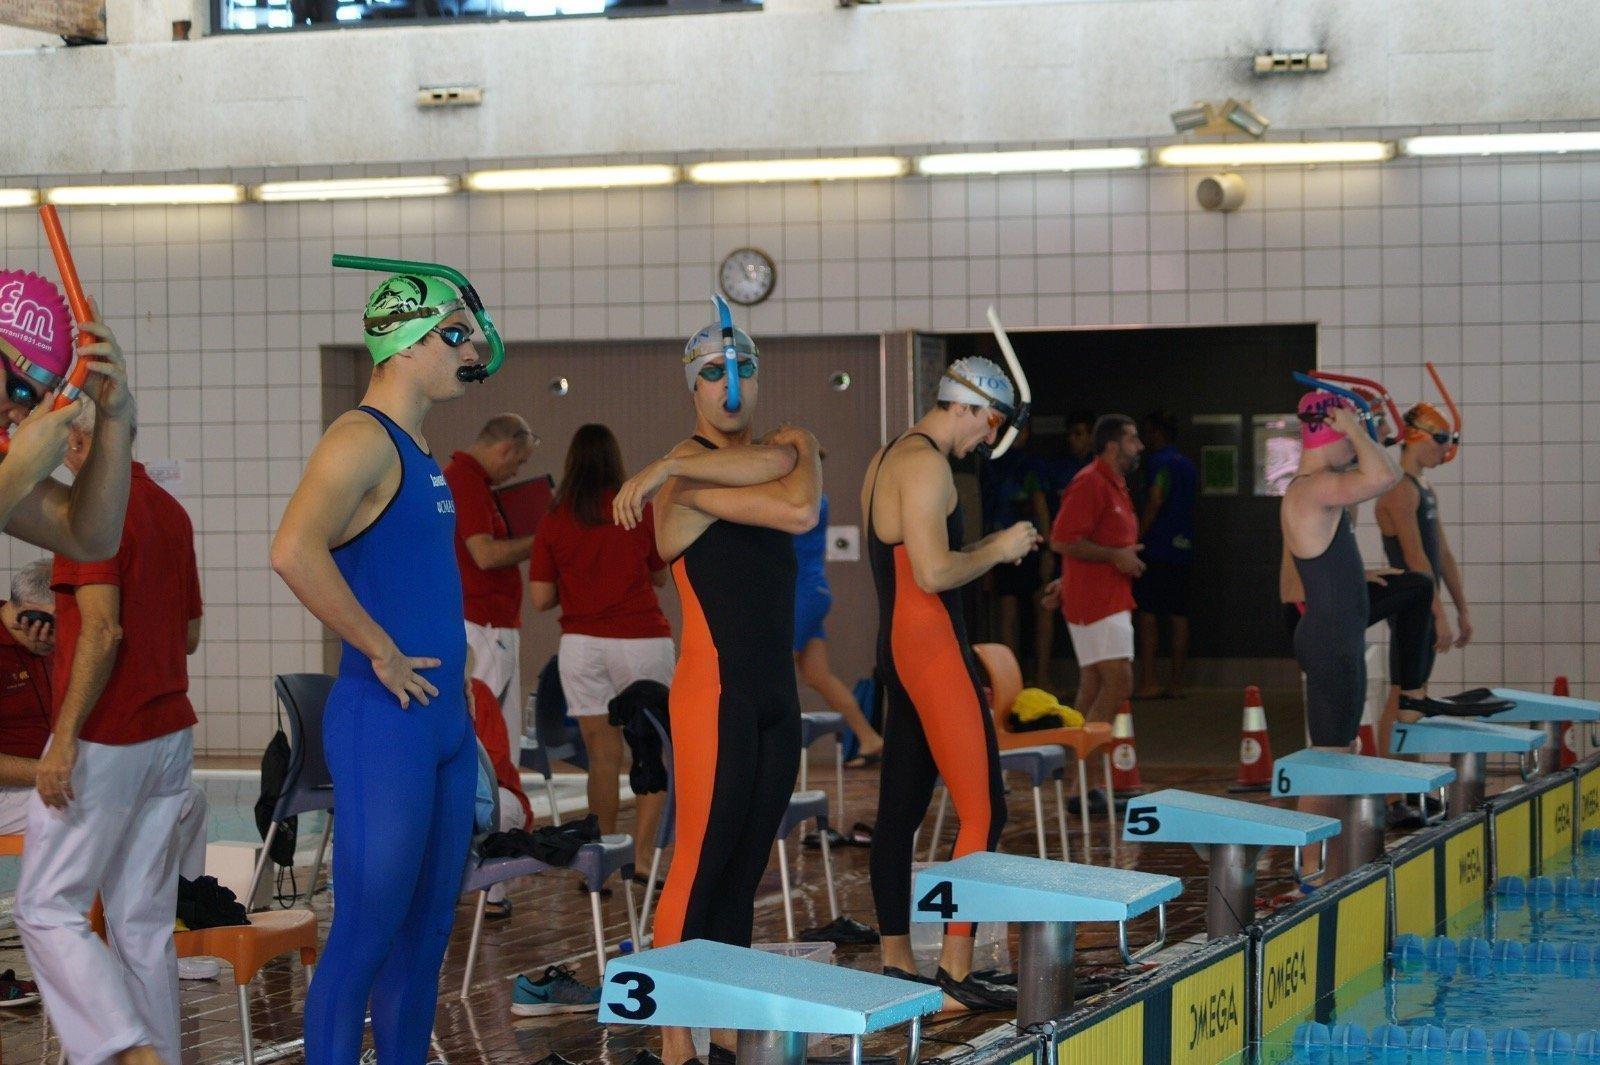 La piscina de r o esgueva acoge el campeonato de espa a de for Piscina rio esgueva